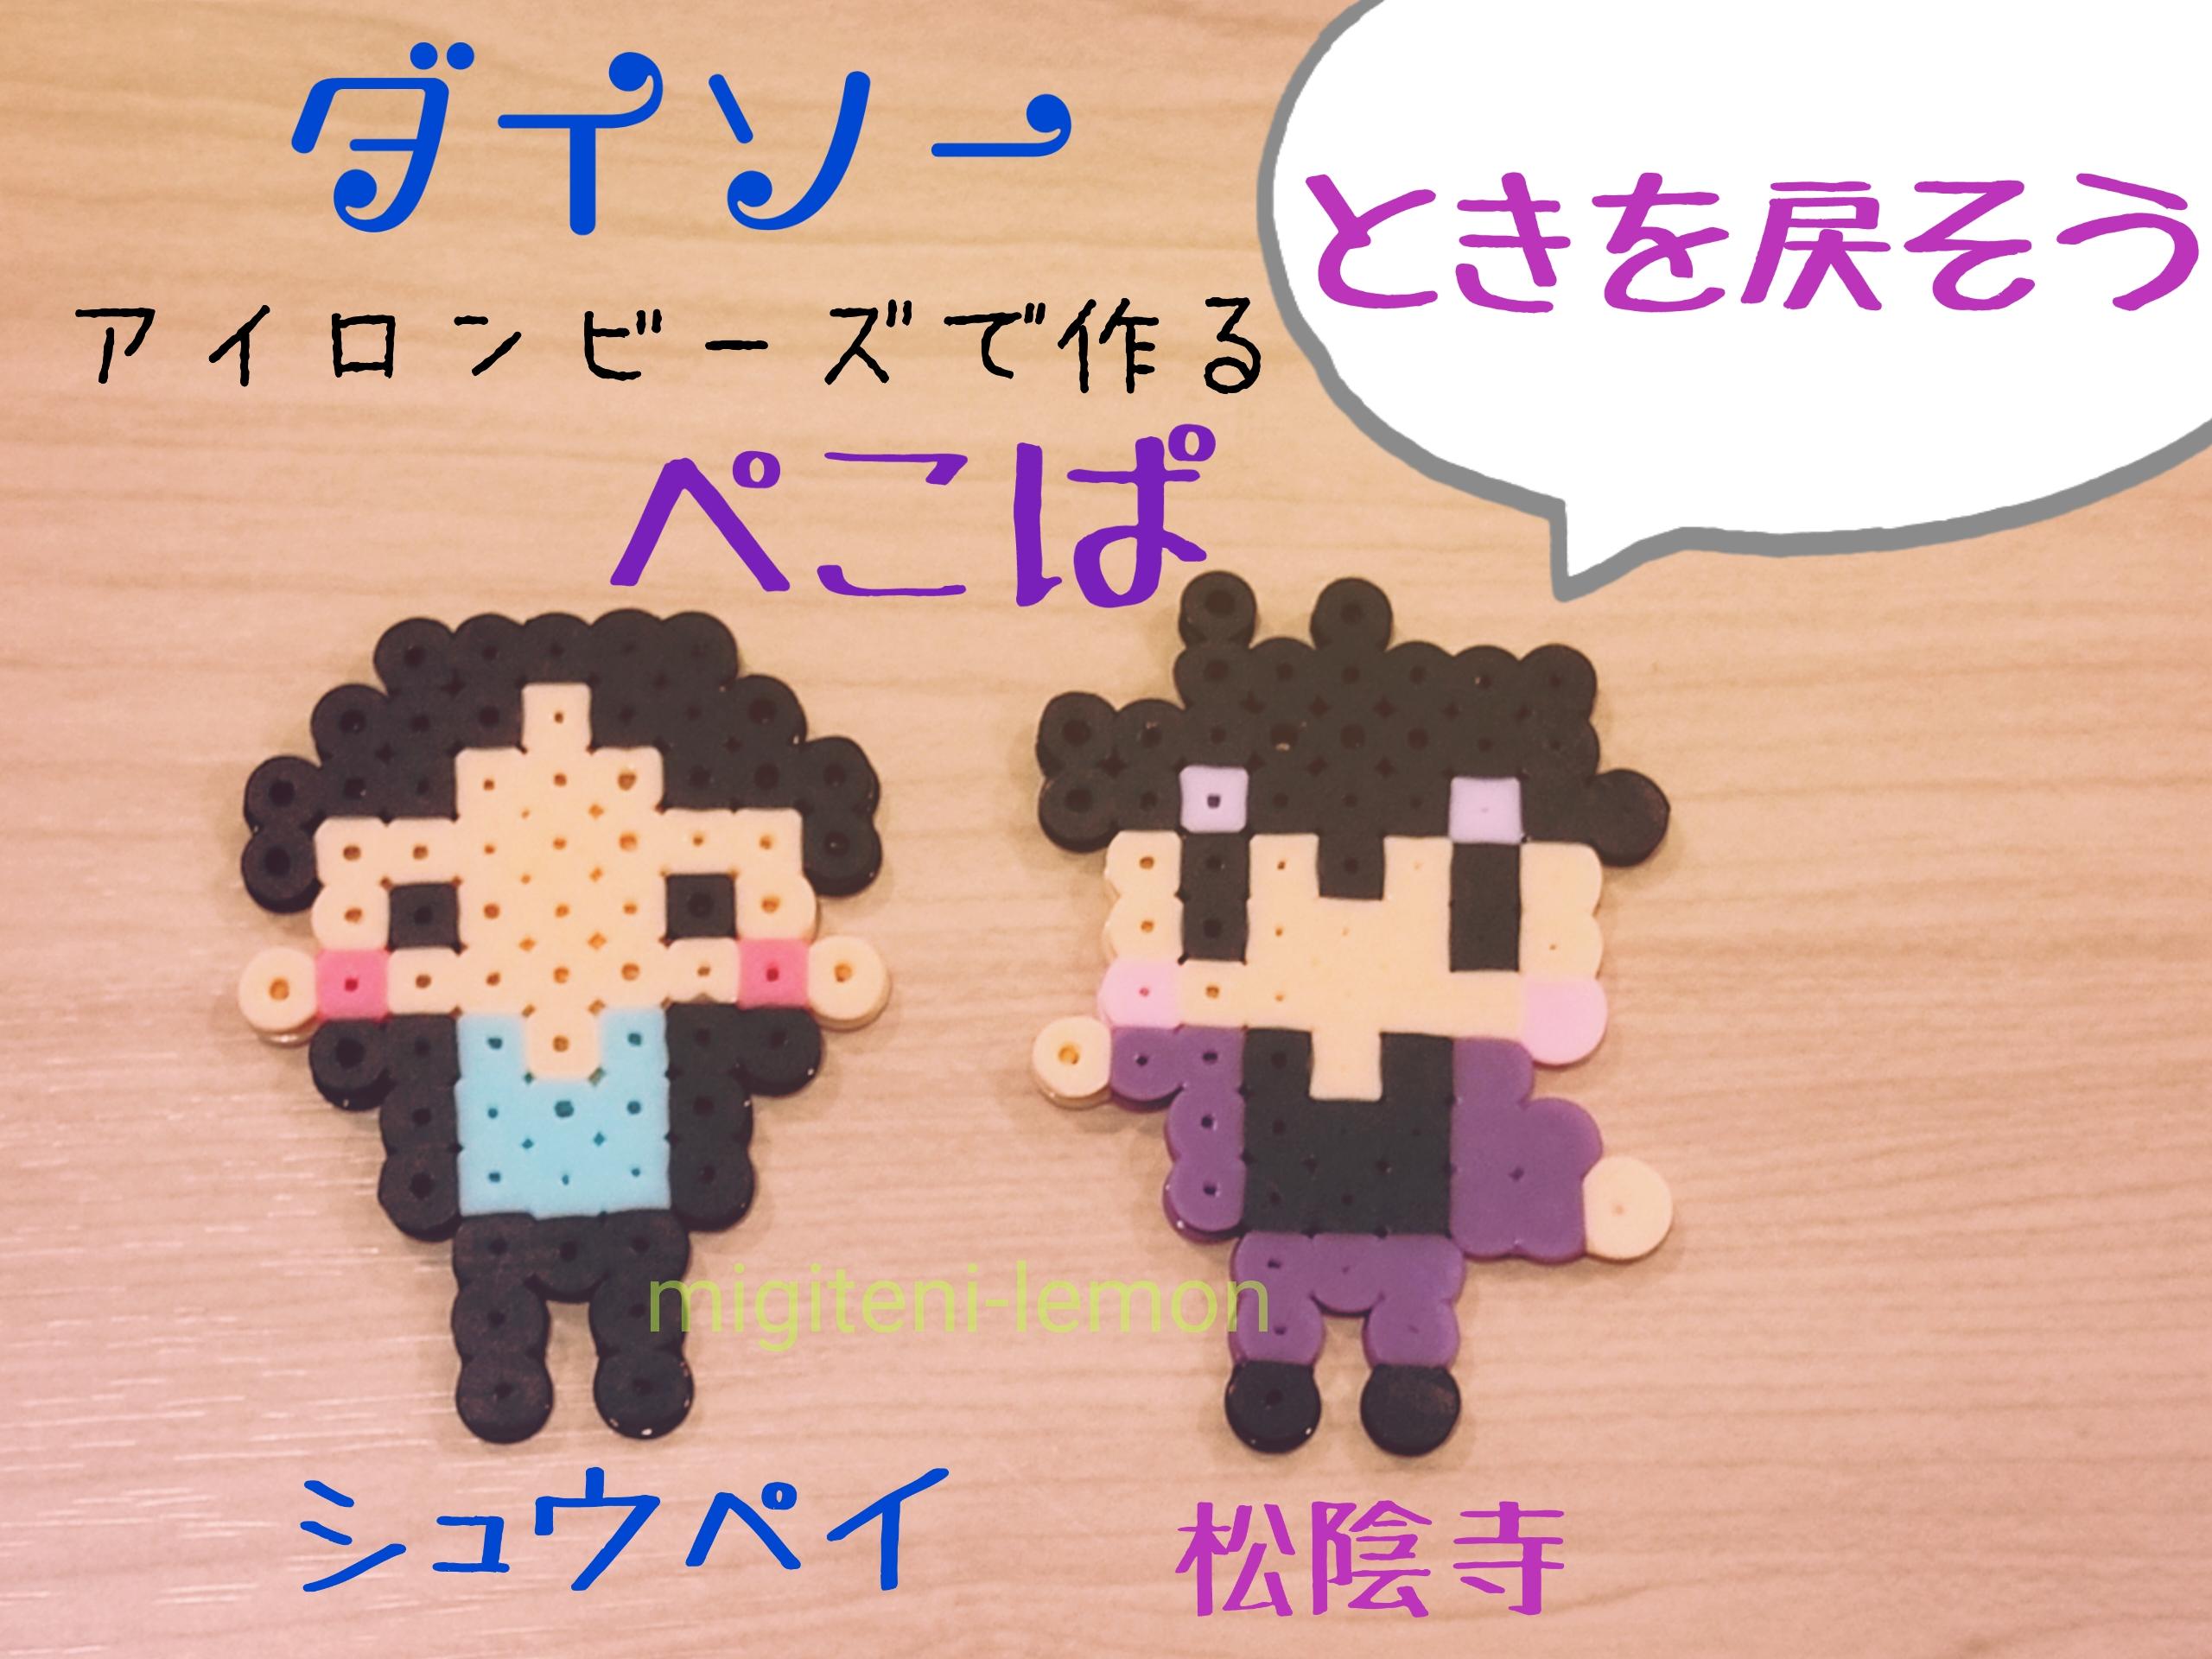 pekopa-syupei-handmade-daiso